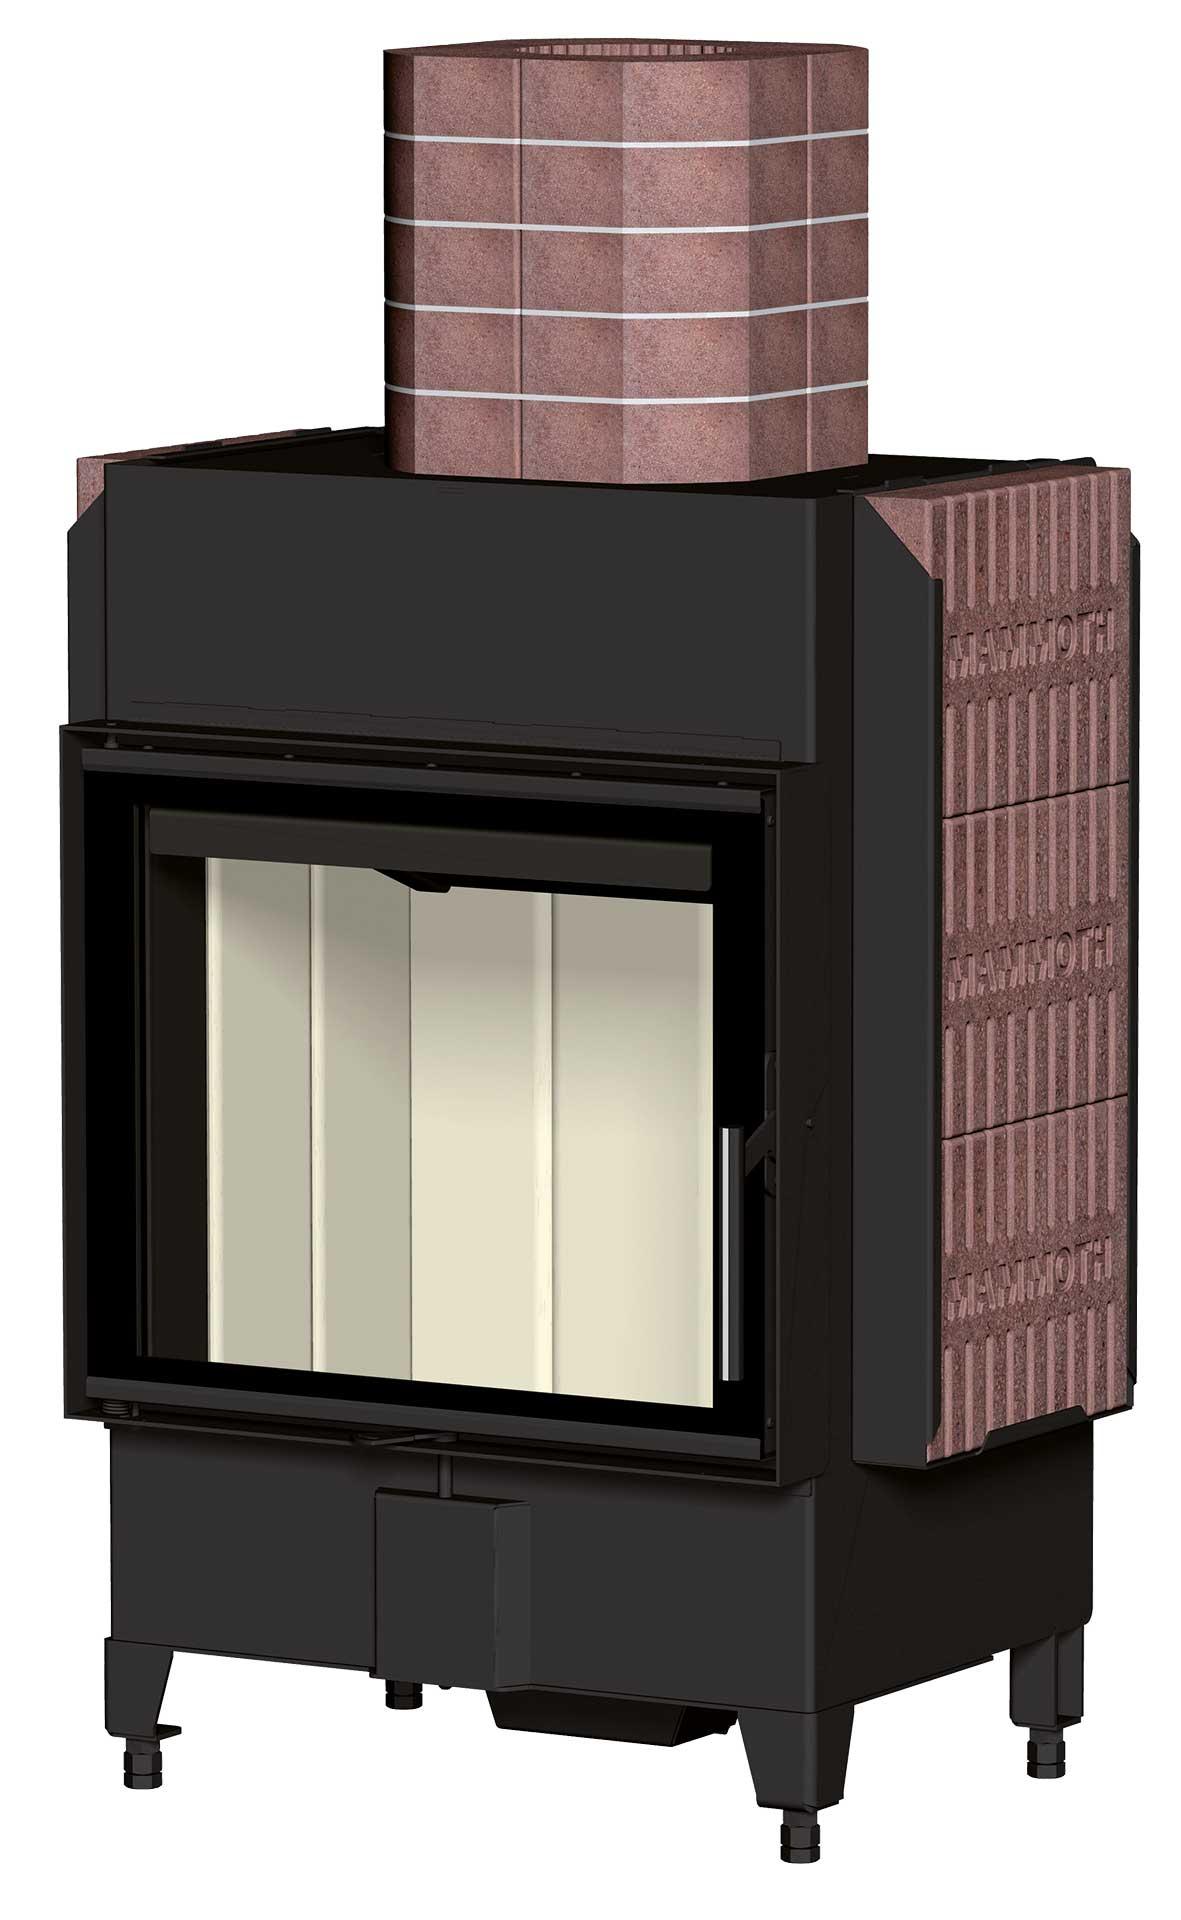 Heat houthaard met accumulatiestenen om het huis efficient te verwarmen #haard #houthaard #energiebesparen